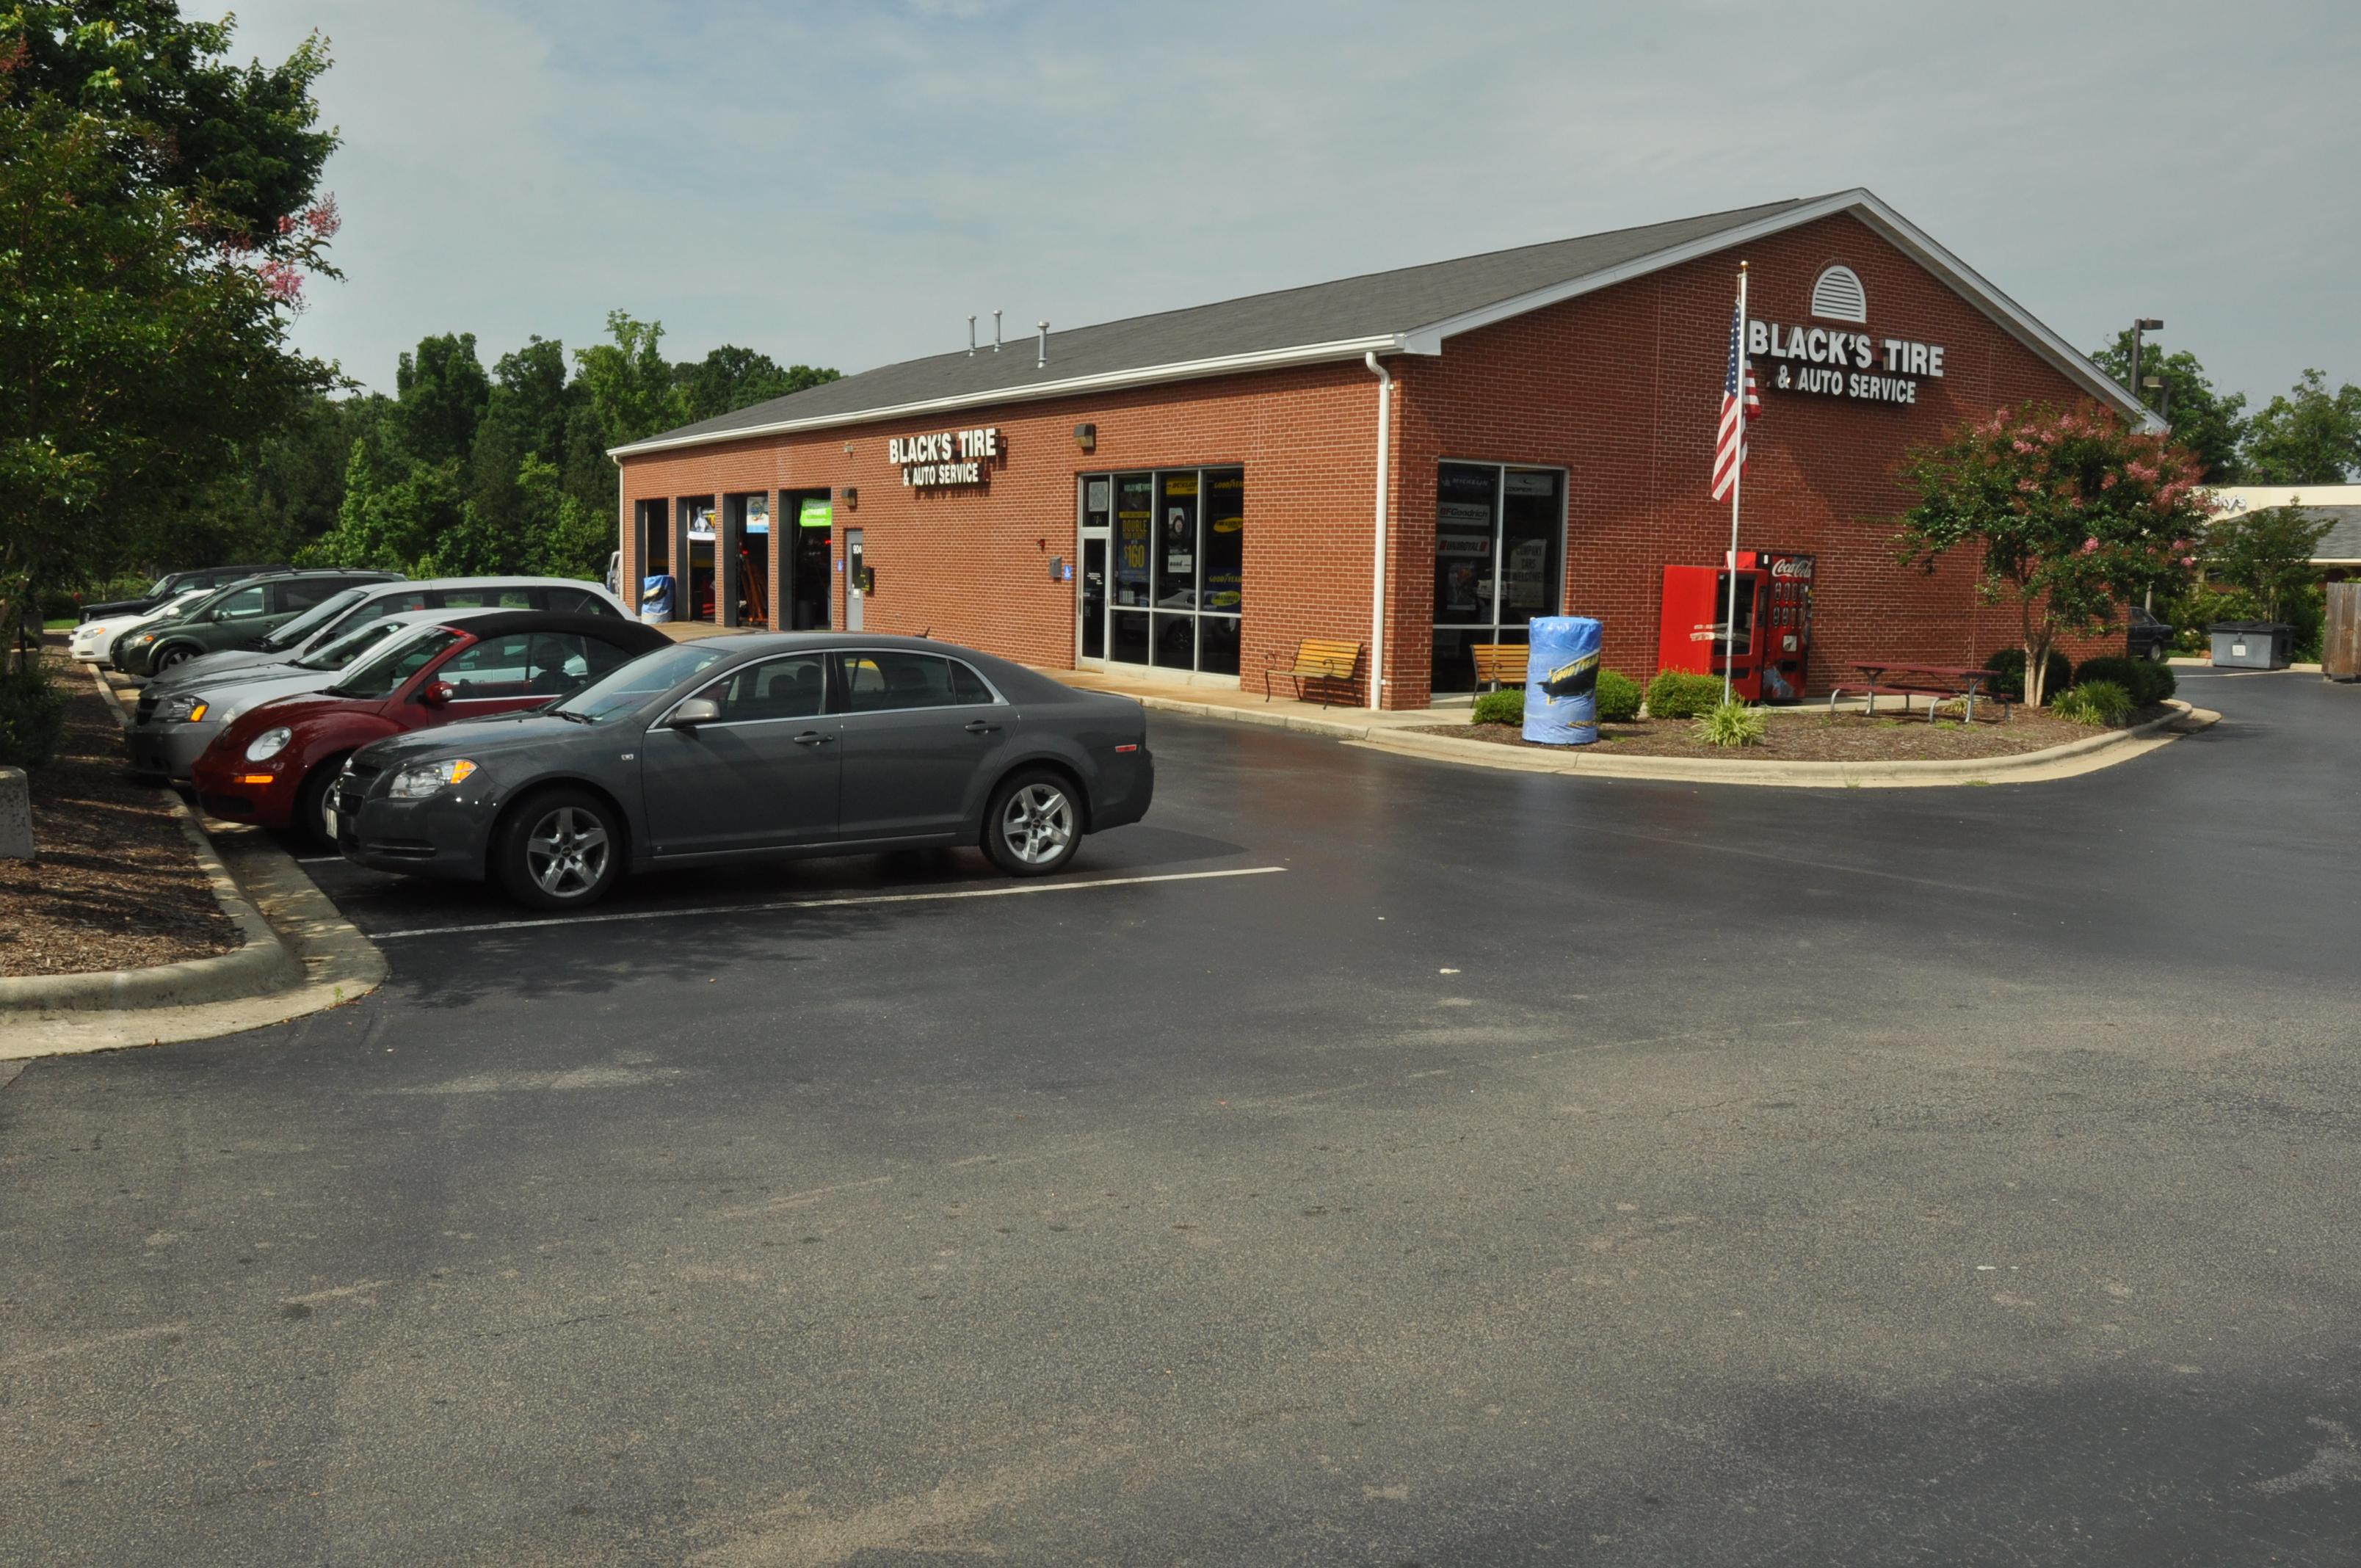 Black's Tire & Auto Service Apex NC